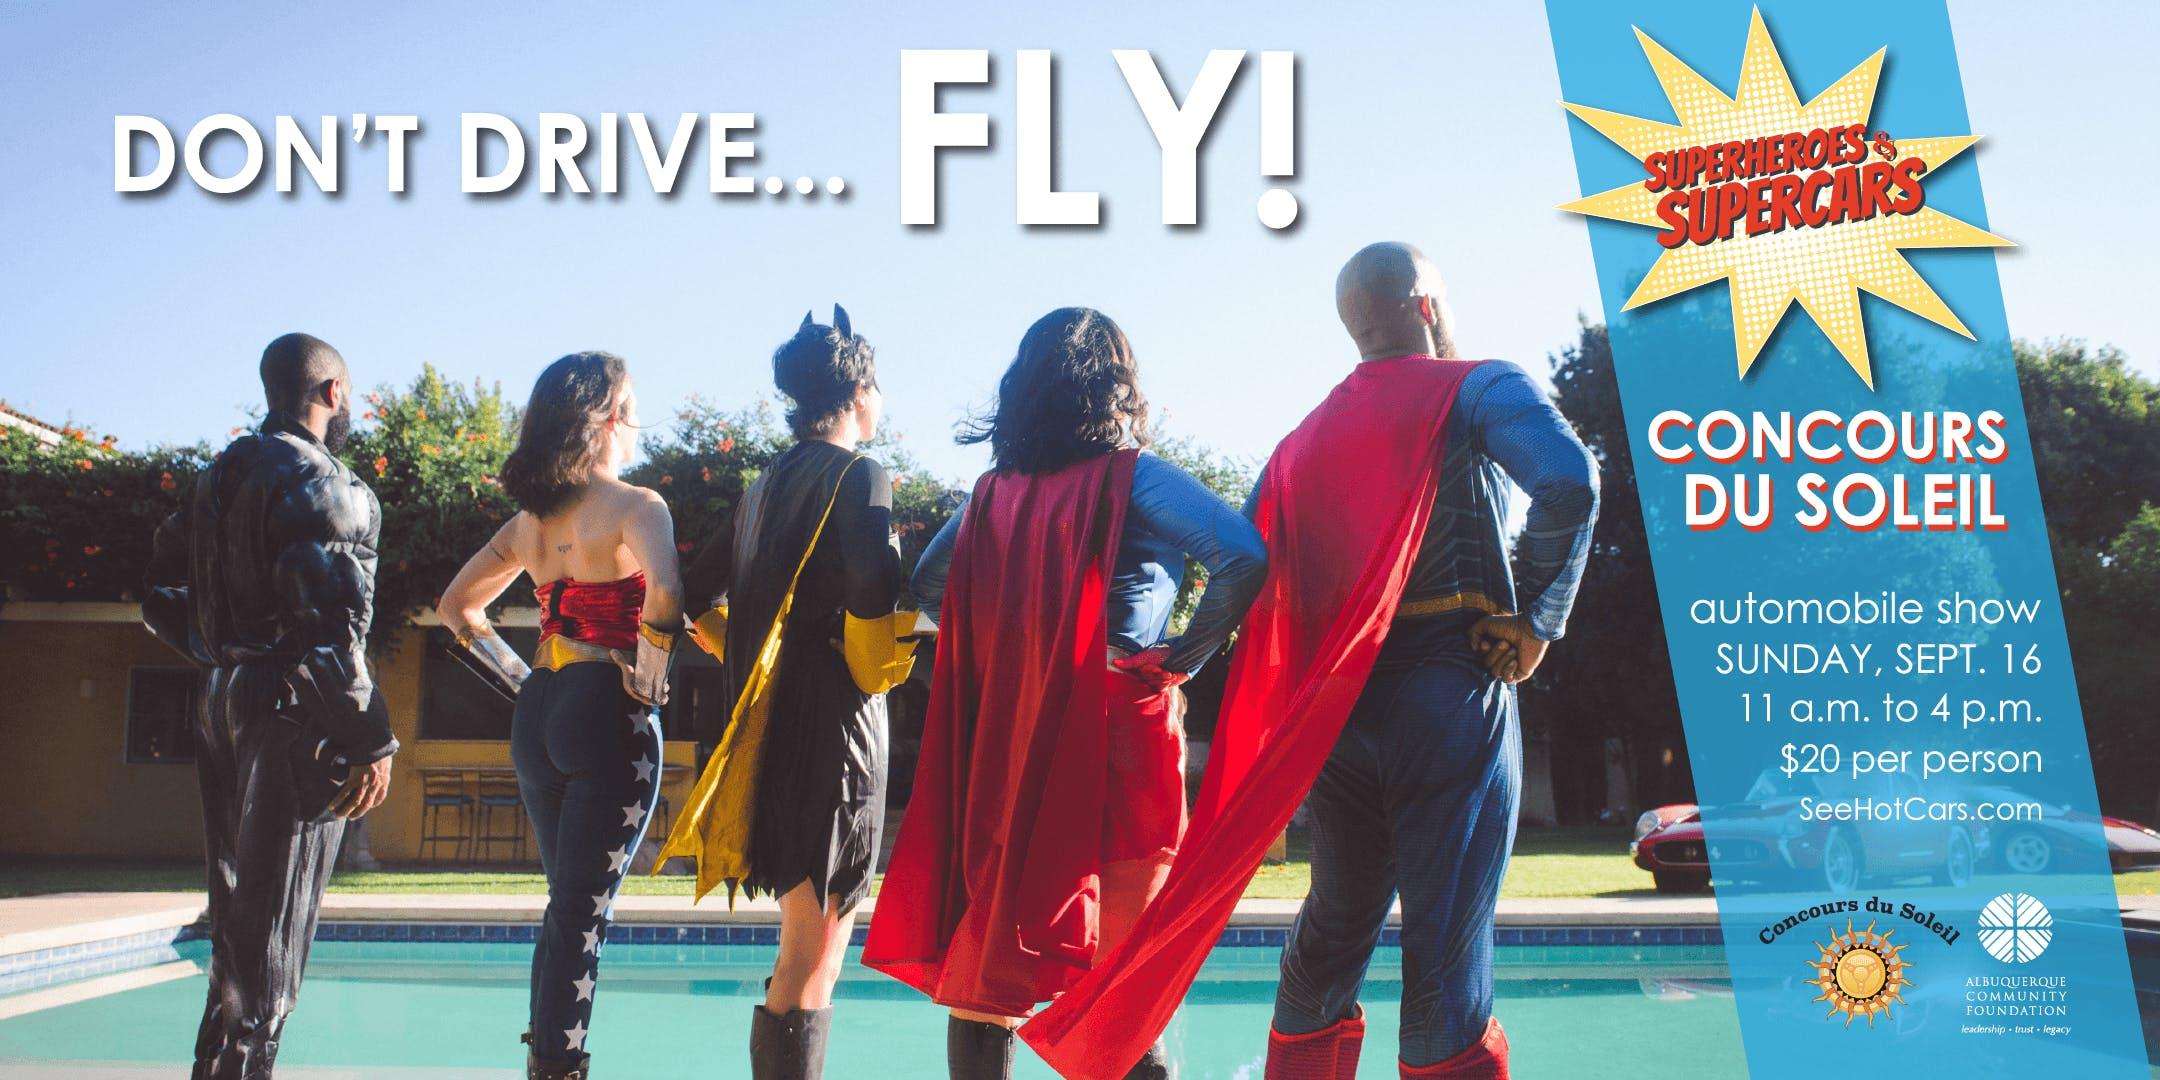 concours du soleil superheroes supercars public show 16 sep 2018